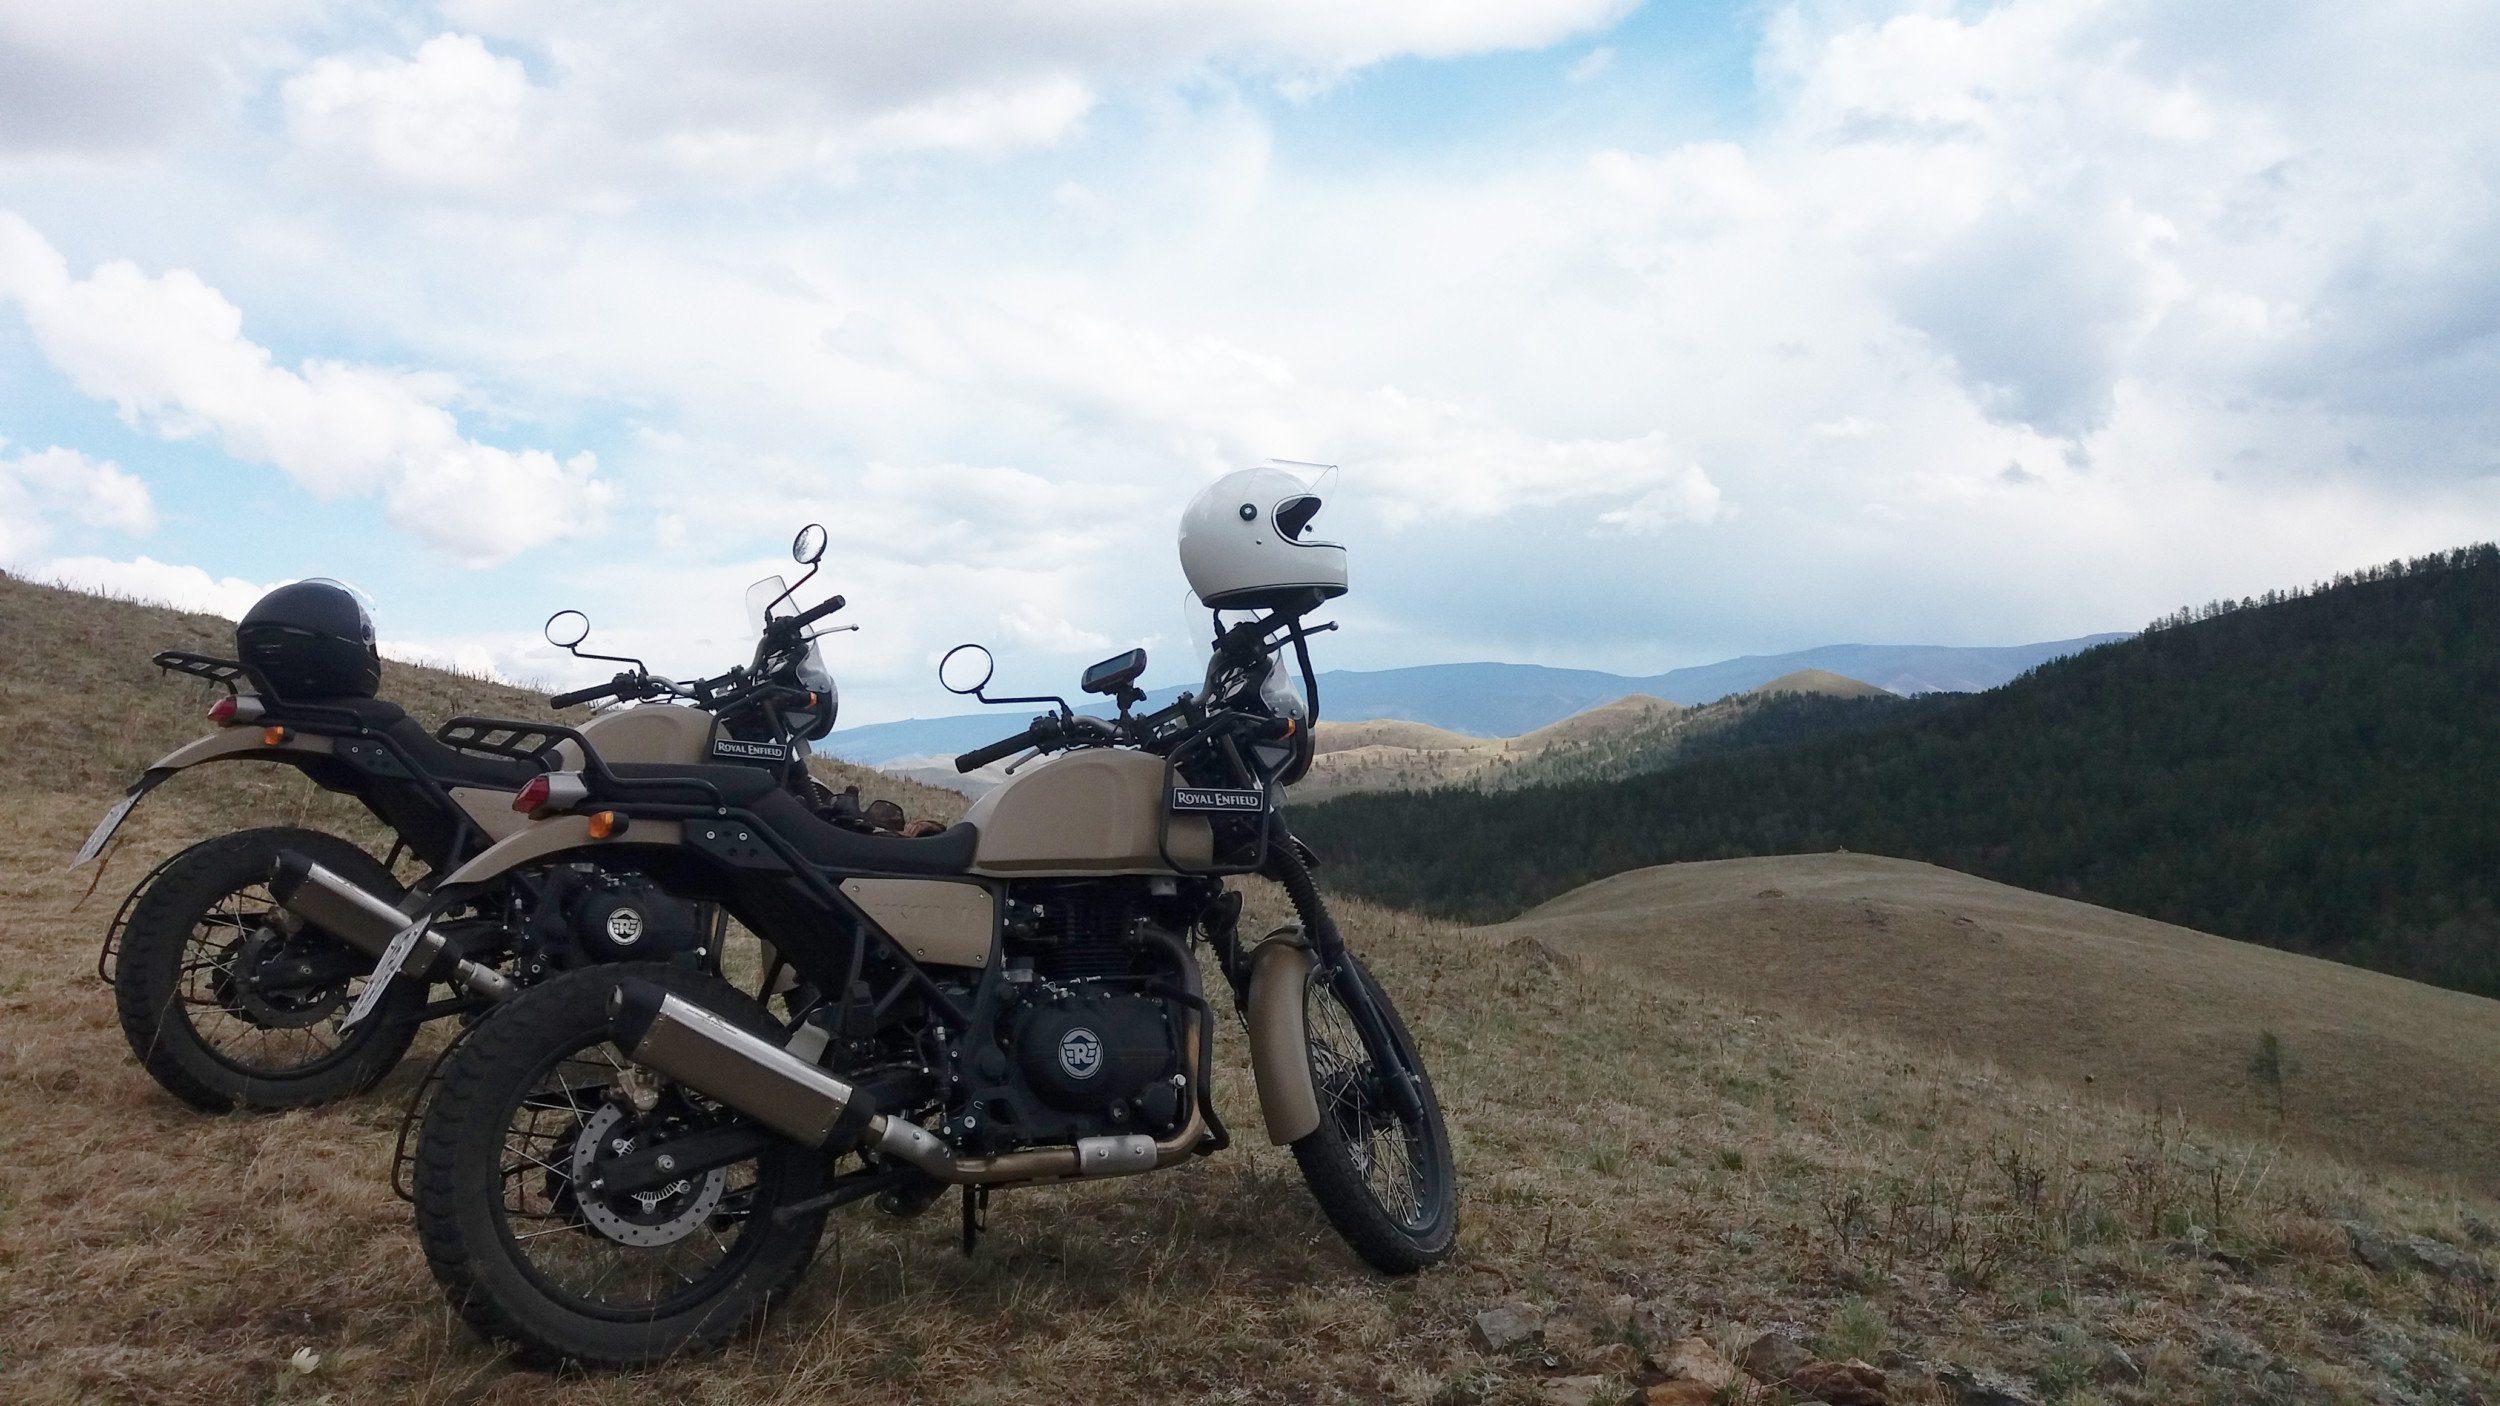 Motorrad-Roadtrip Frankreich - OFFROAD-FAHRKURS AUF EINER ROYAL ENFIELD HIMALAYAN